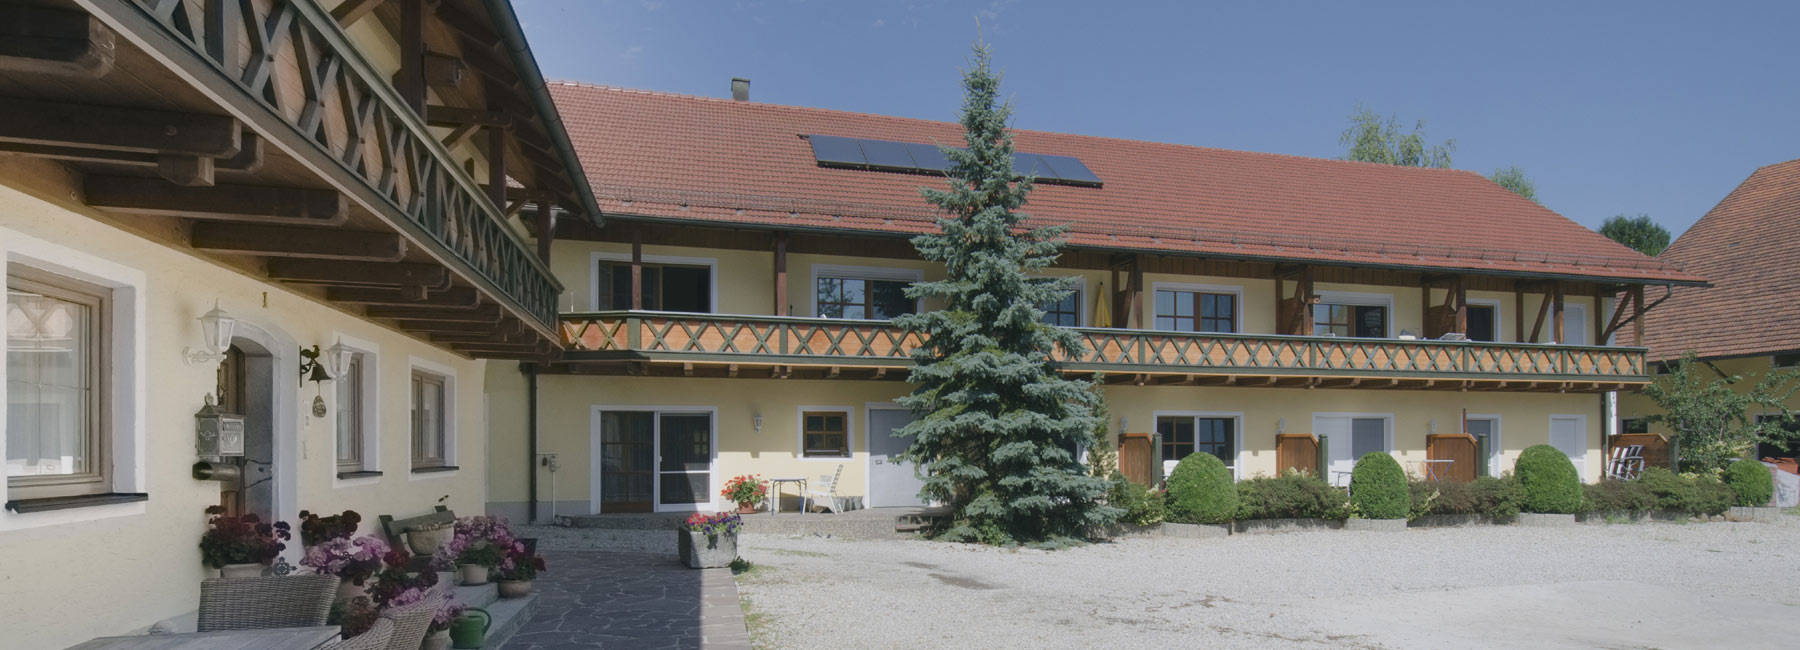 Ferienhof-Unertl-Hof-Innen